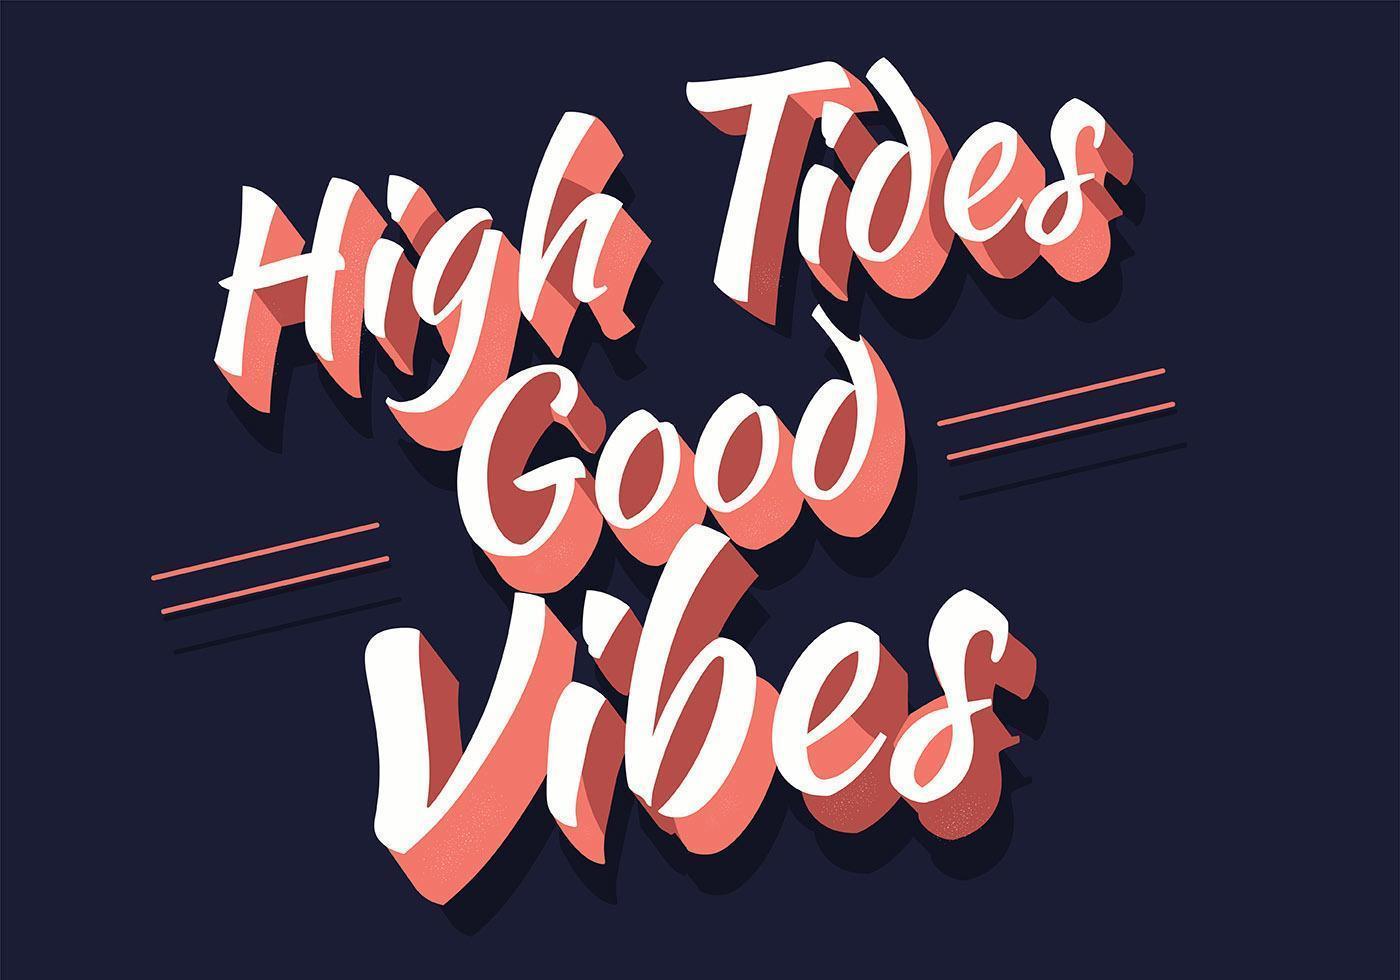 High Tides Good Vibes Lettering vetor